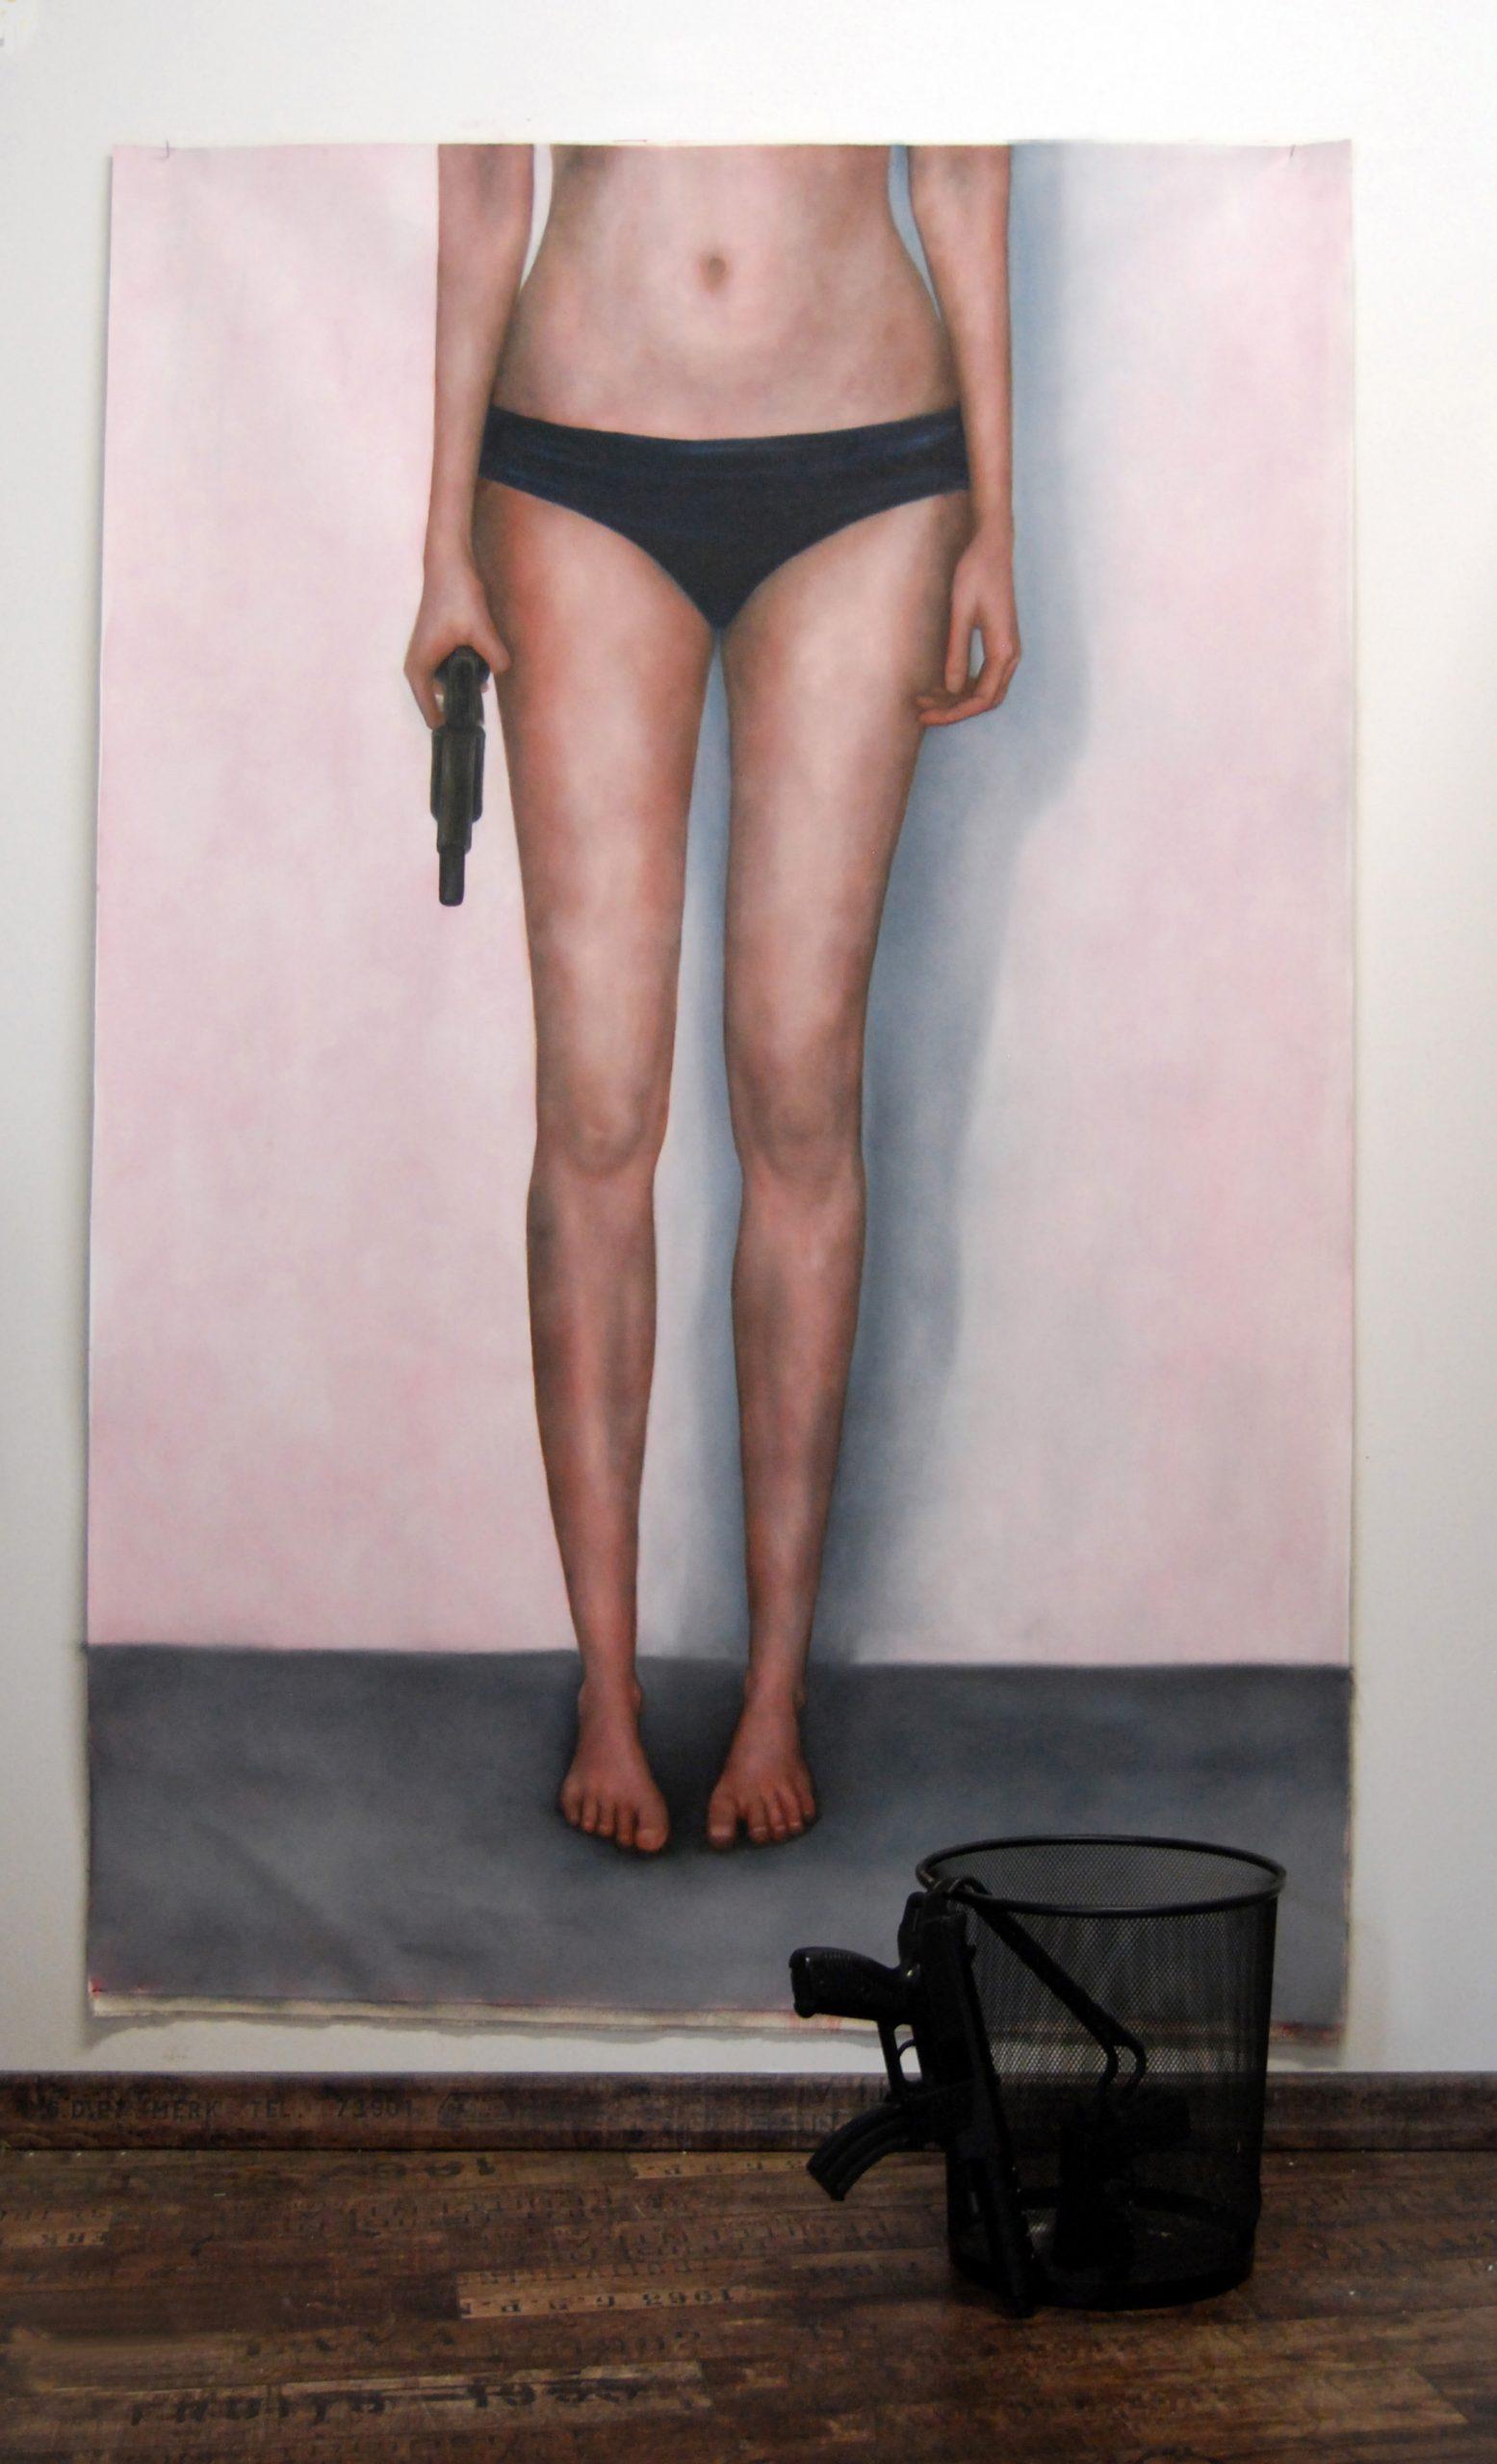 RinaldiGiacometti-03-Nudo con pistola-2015-100x150-olio su tela,armi plastiche,cestino in ferro